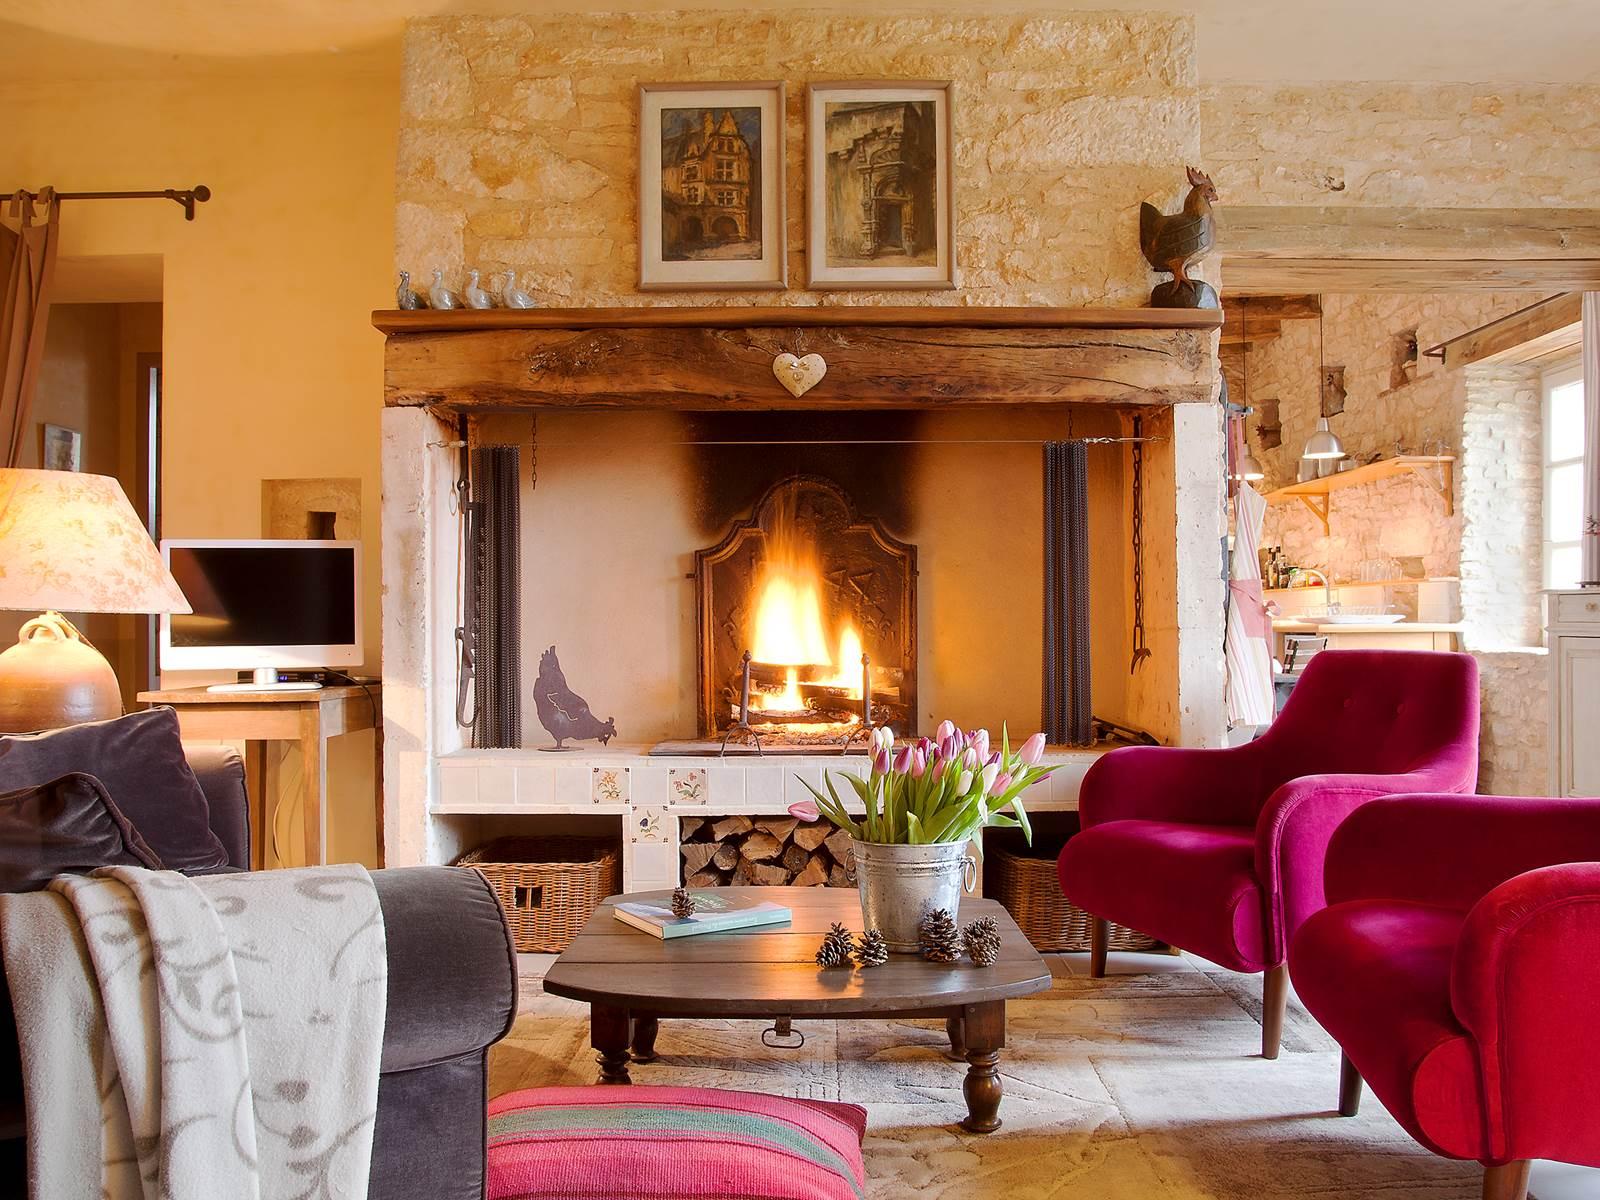 Appréciez un feu de bois dans la grande cheminée d'origine (bois fourni gracieusement)